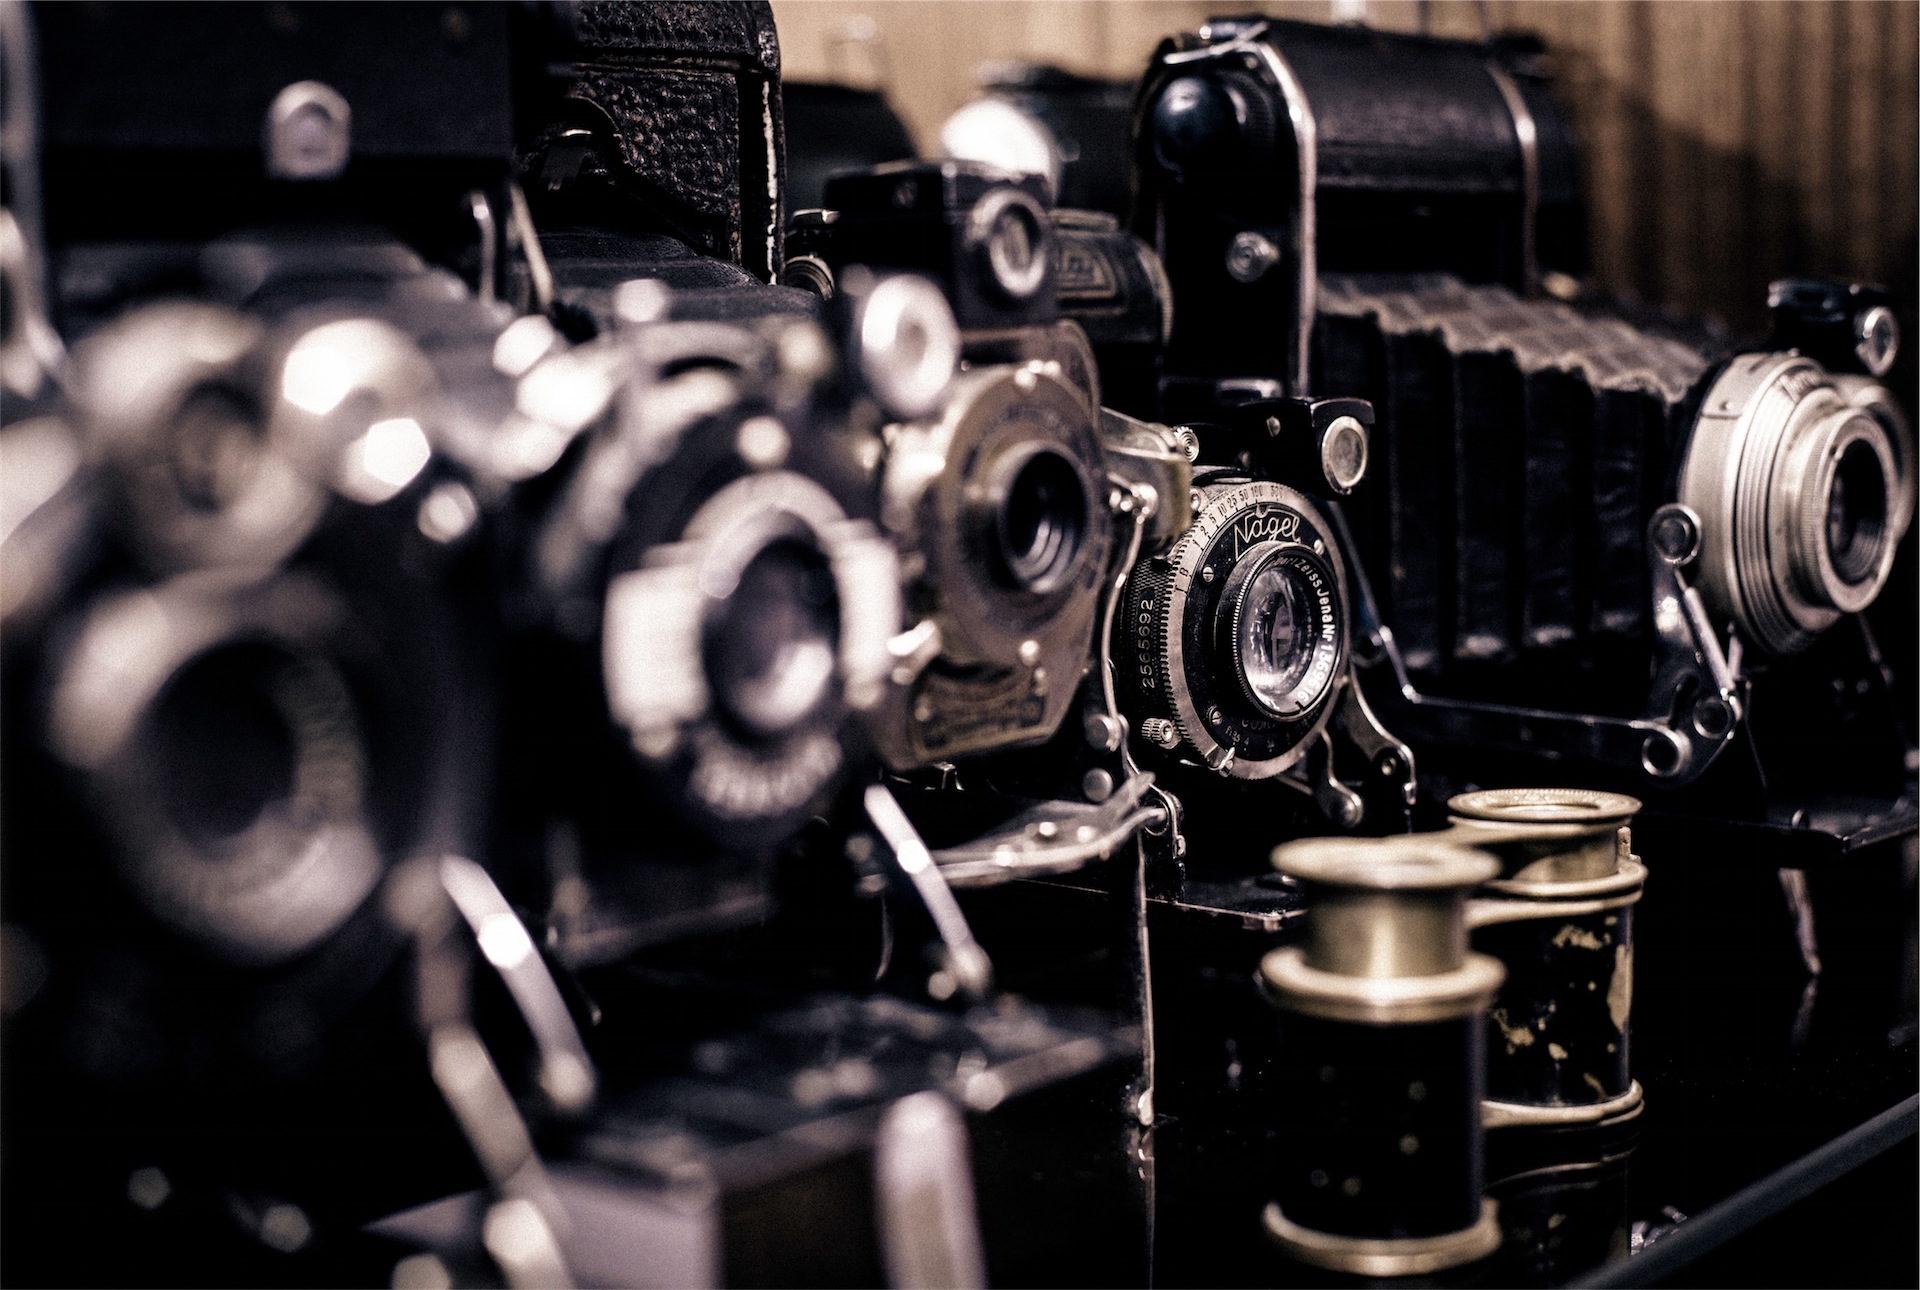 Фотокамеры, фотографии, древние, Винтаж, Катушка - Обои HD - Профессор falken.com